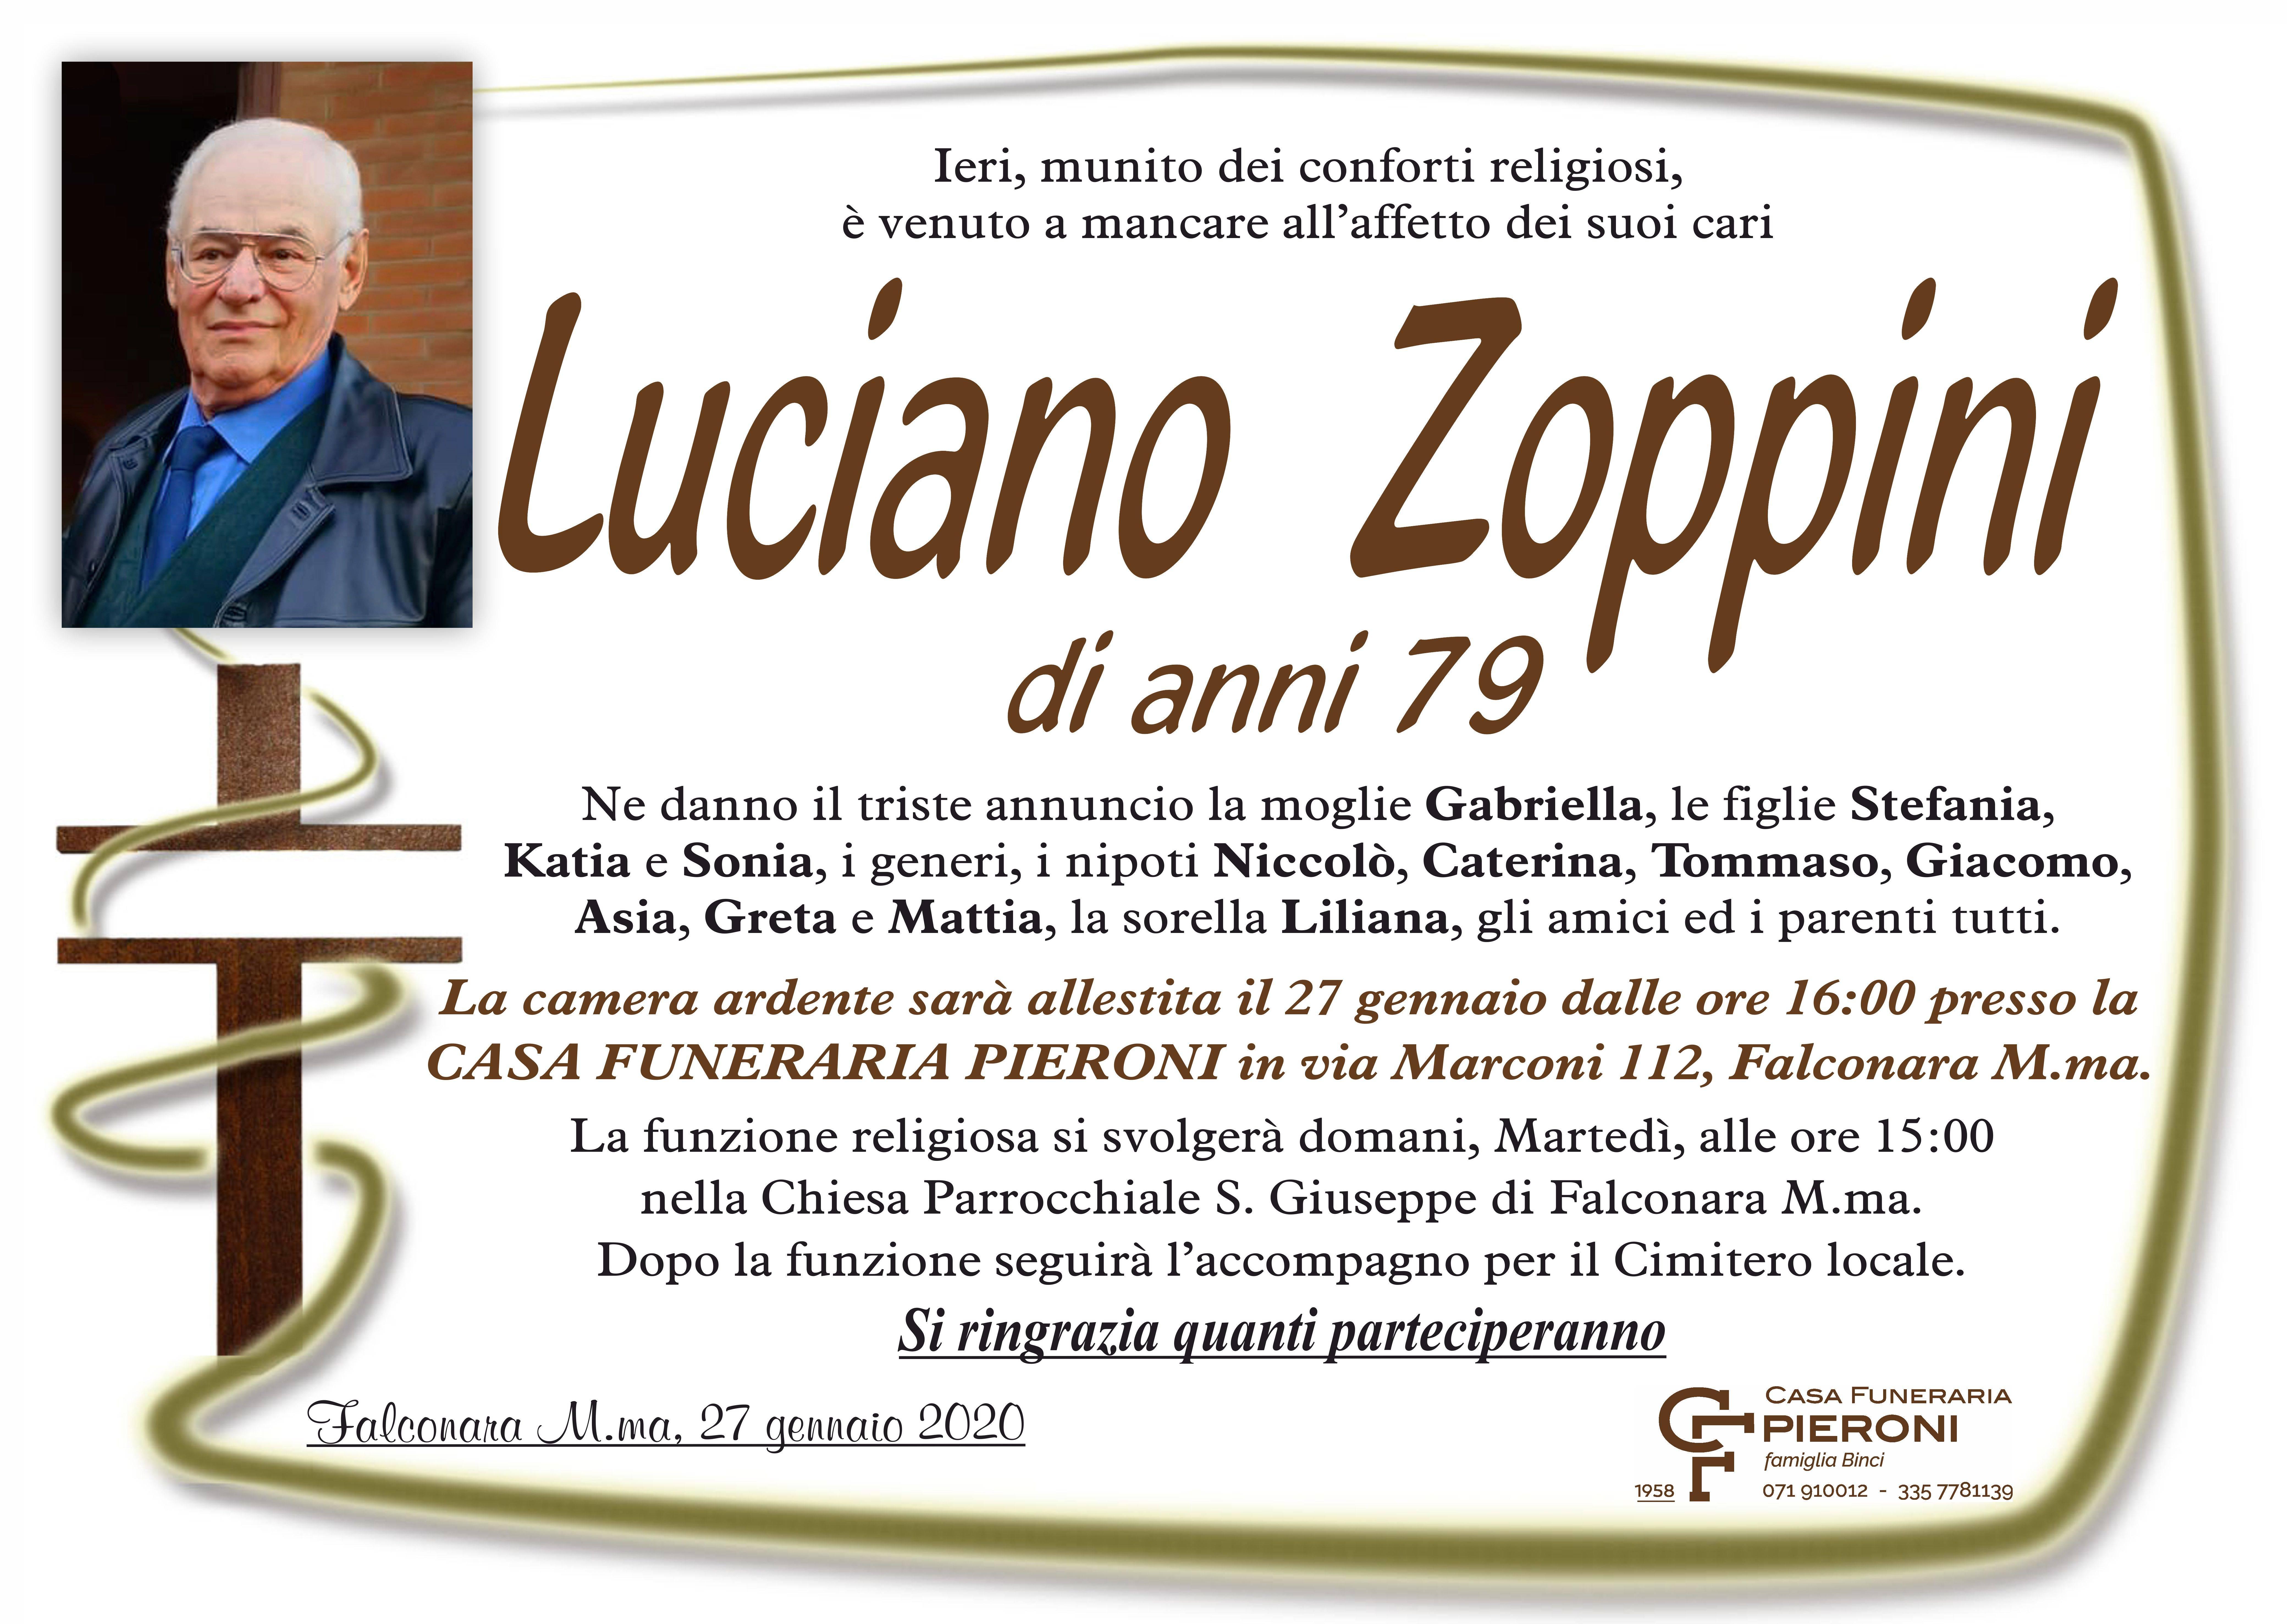 Luciano Zoppini